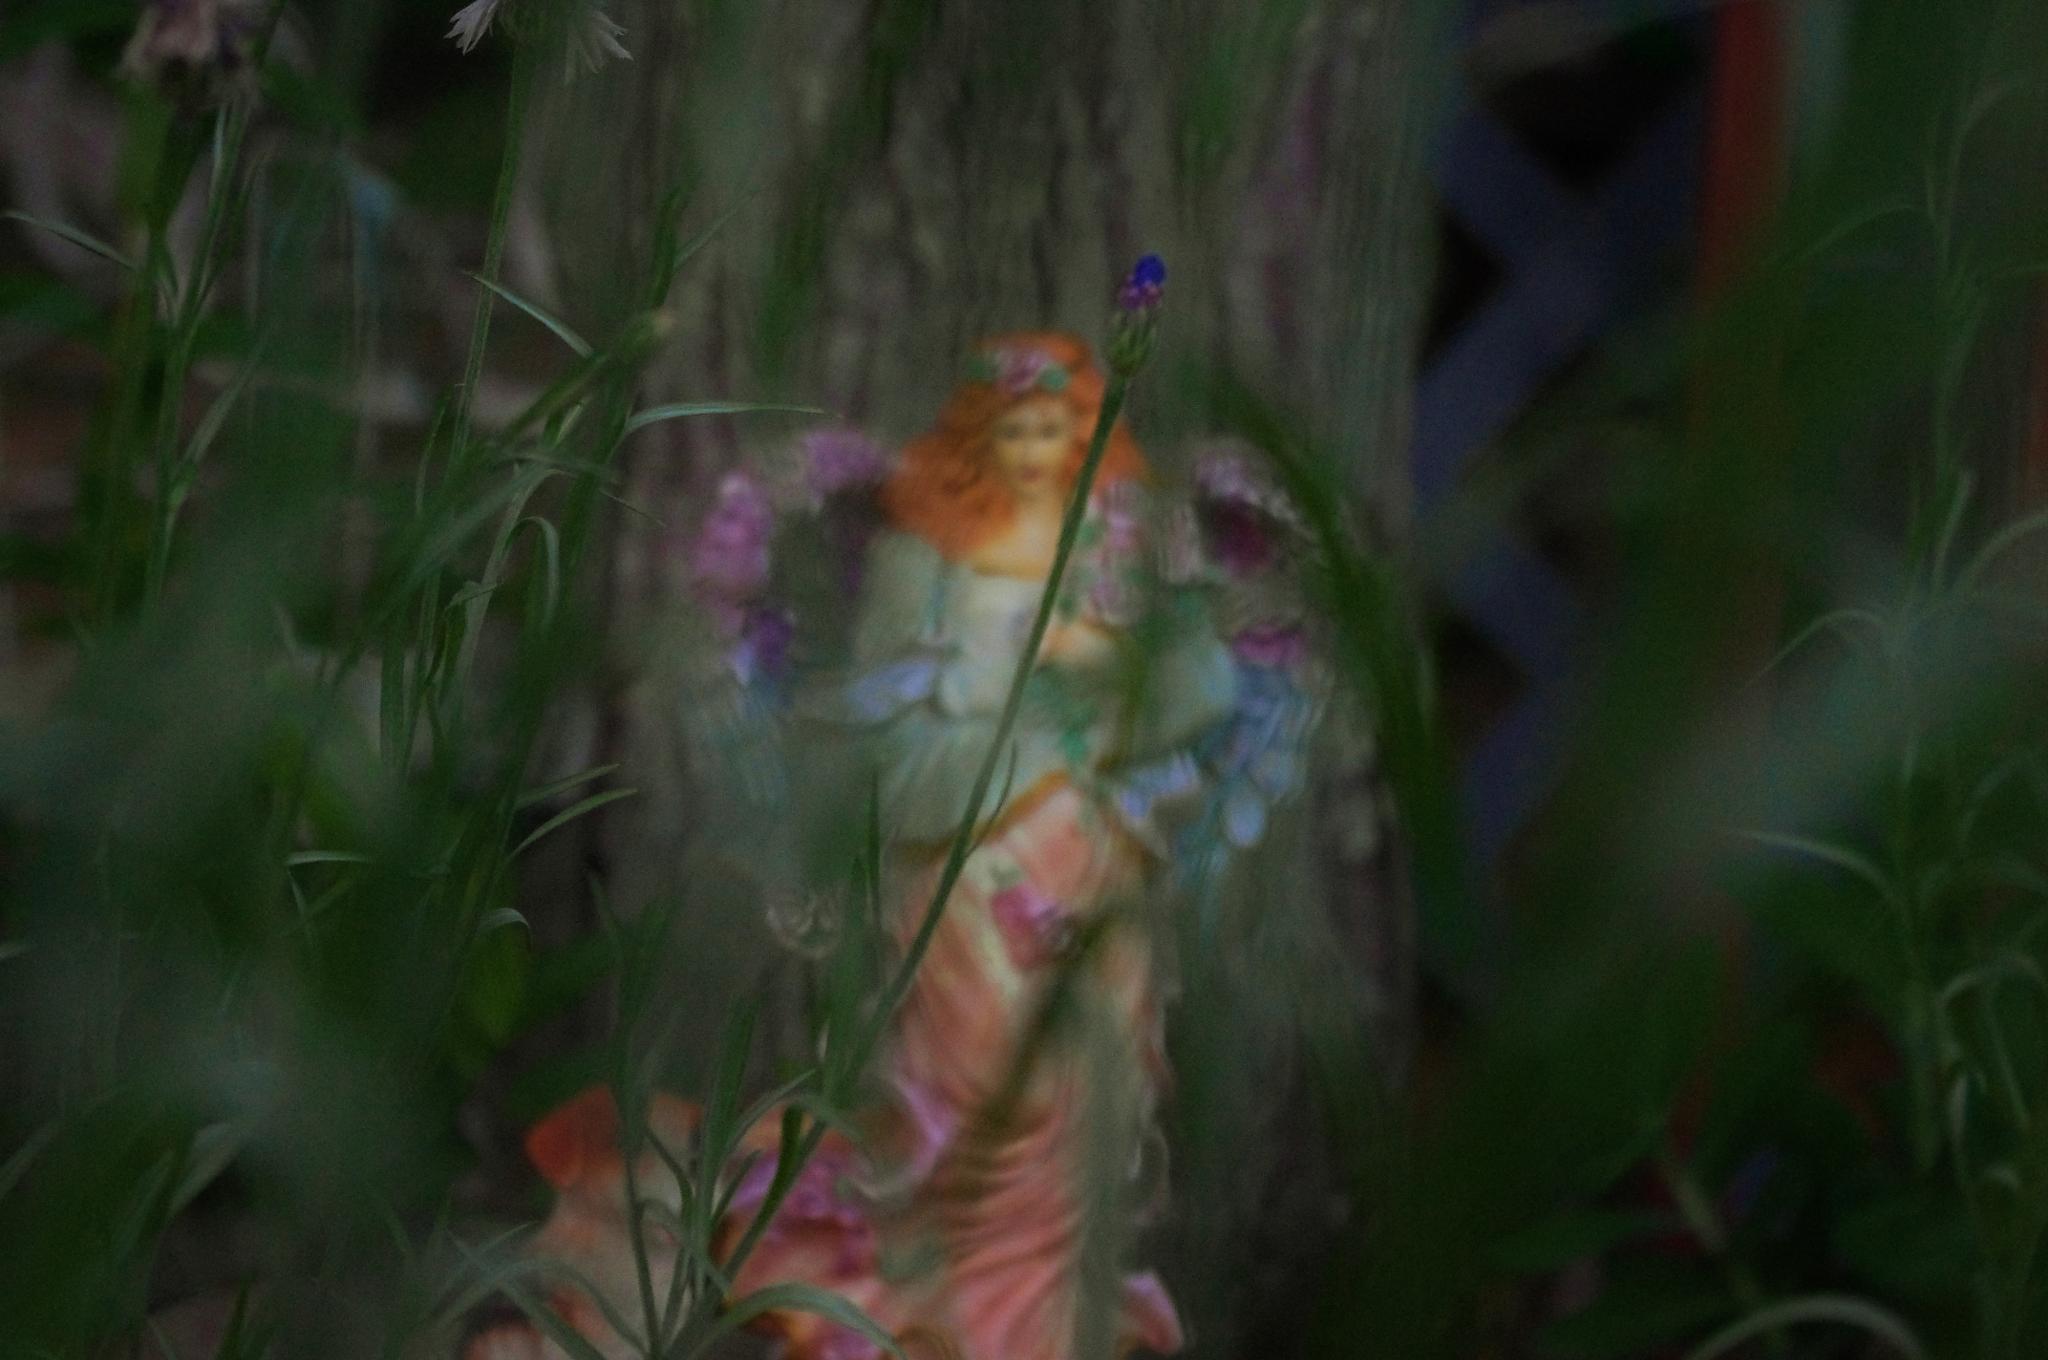 Untitled by Bonnie Rhoades